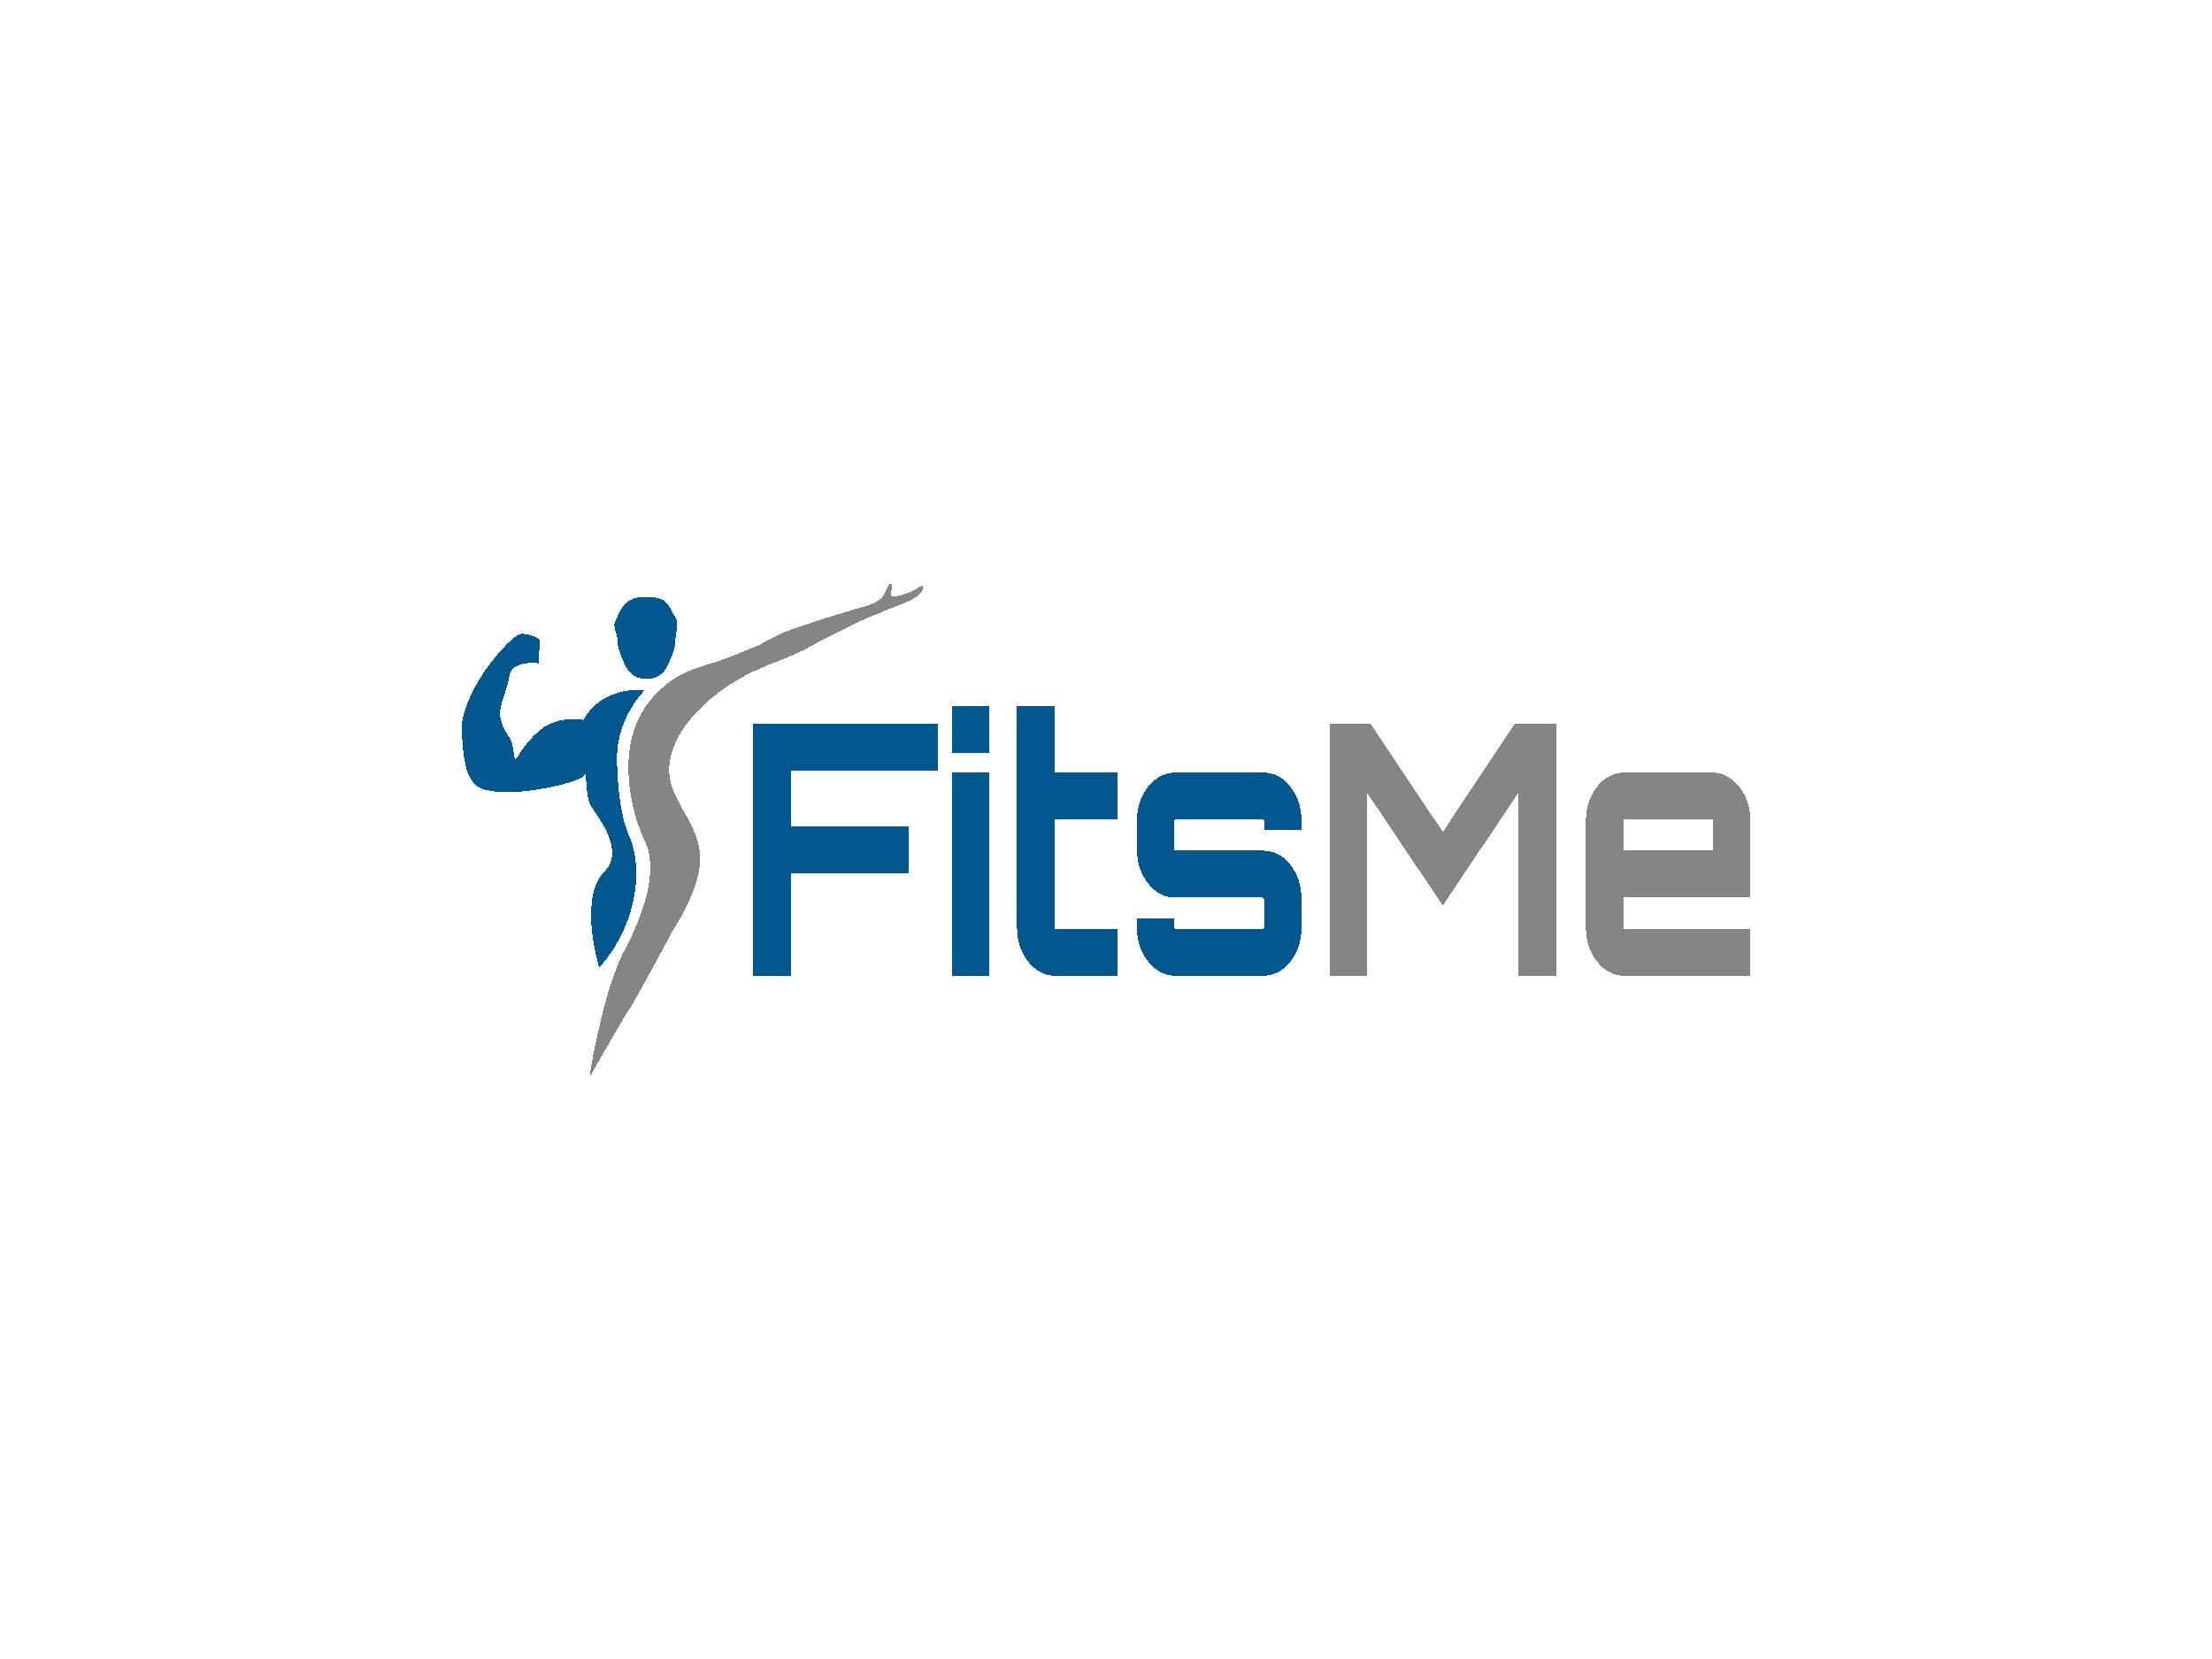 FitsMe